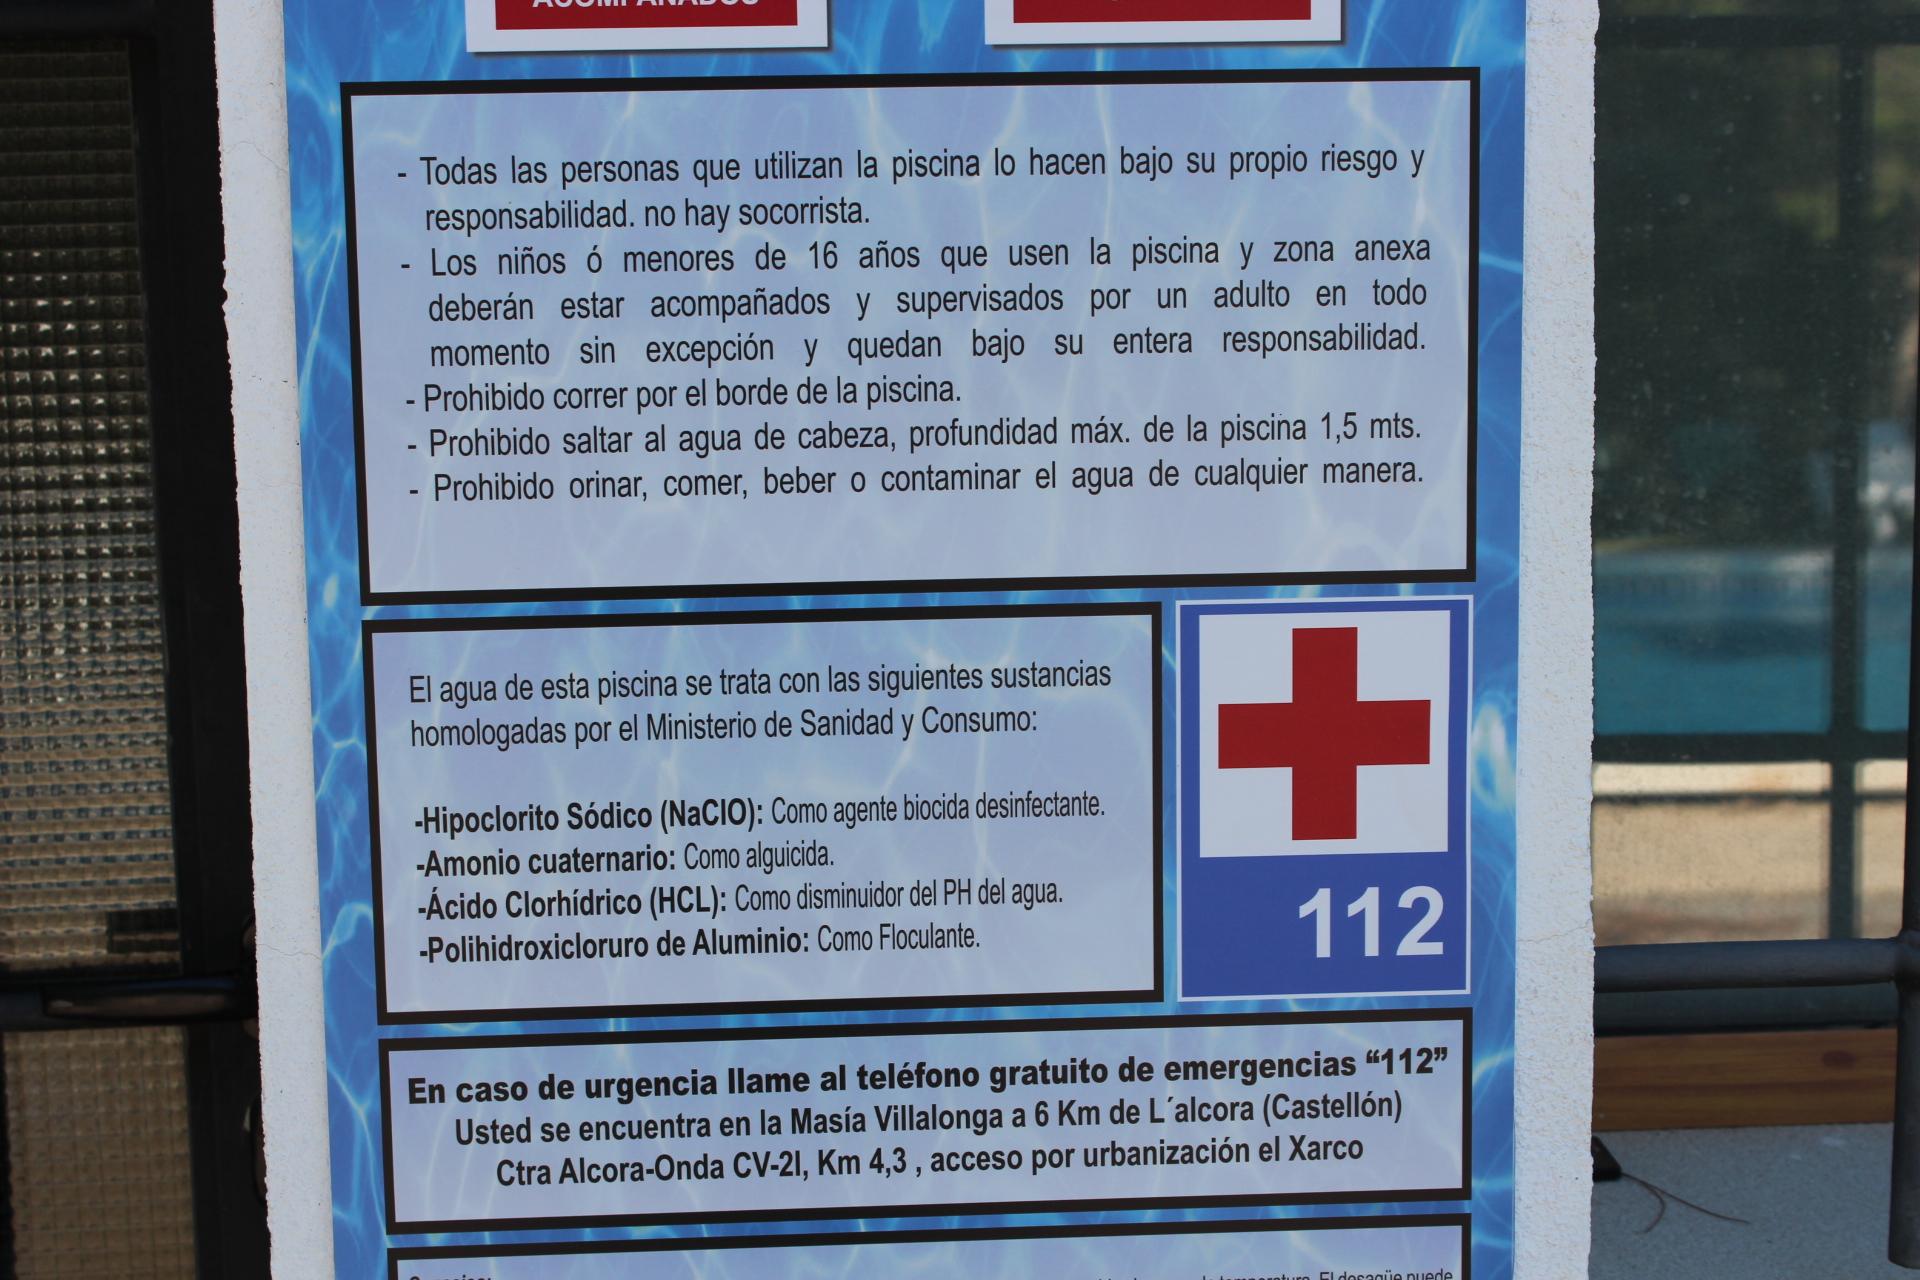 información tratamiento del agua